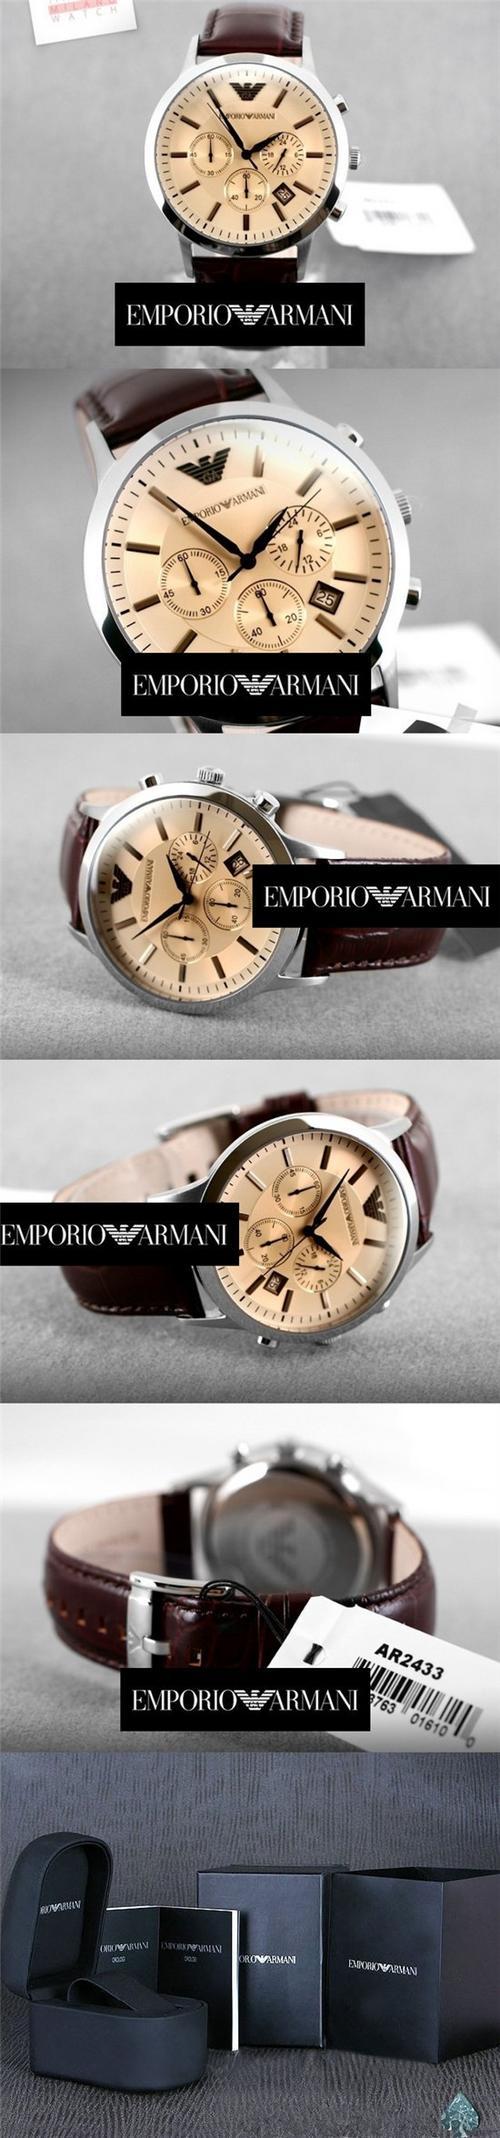 Đồng hồ Armani chính hãng AR2433 dành cho Nam tại Armanishop.vn